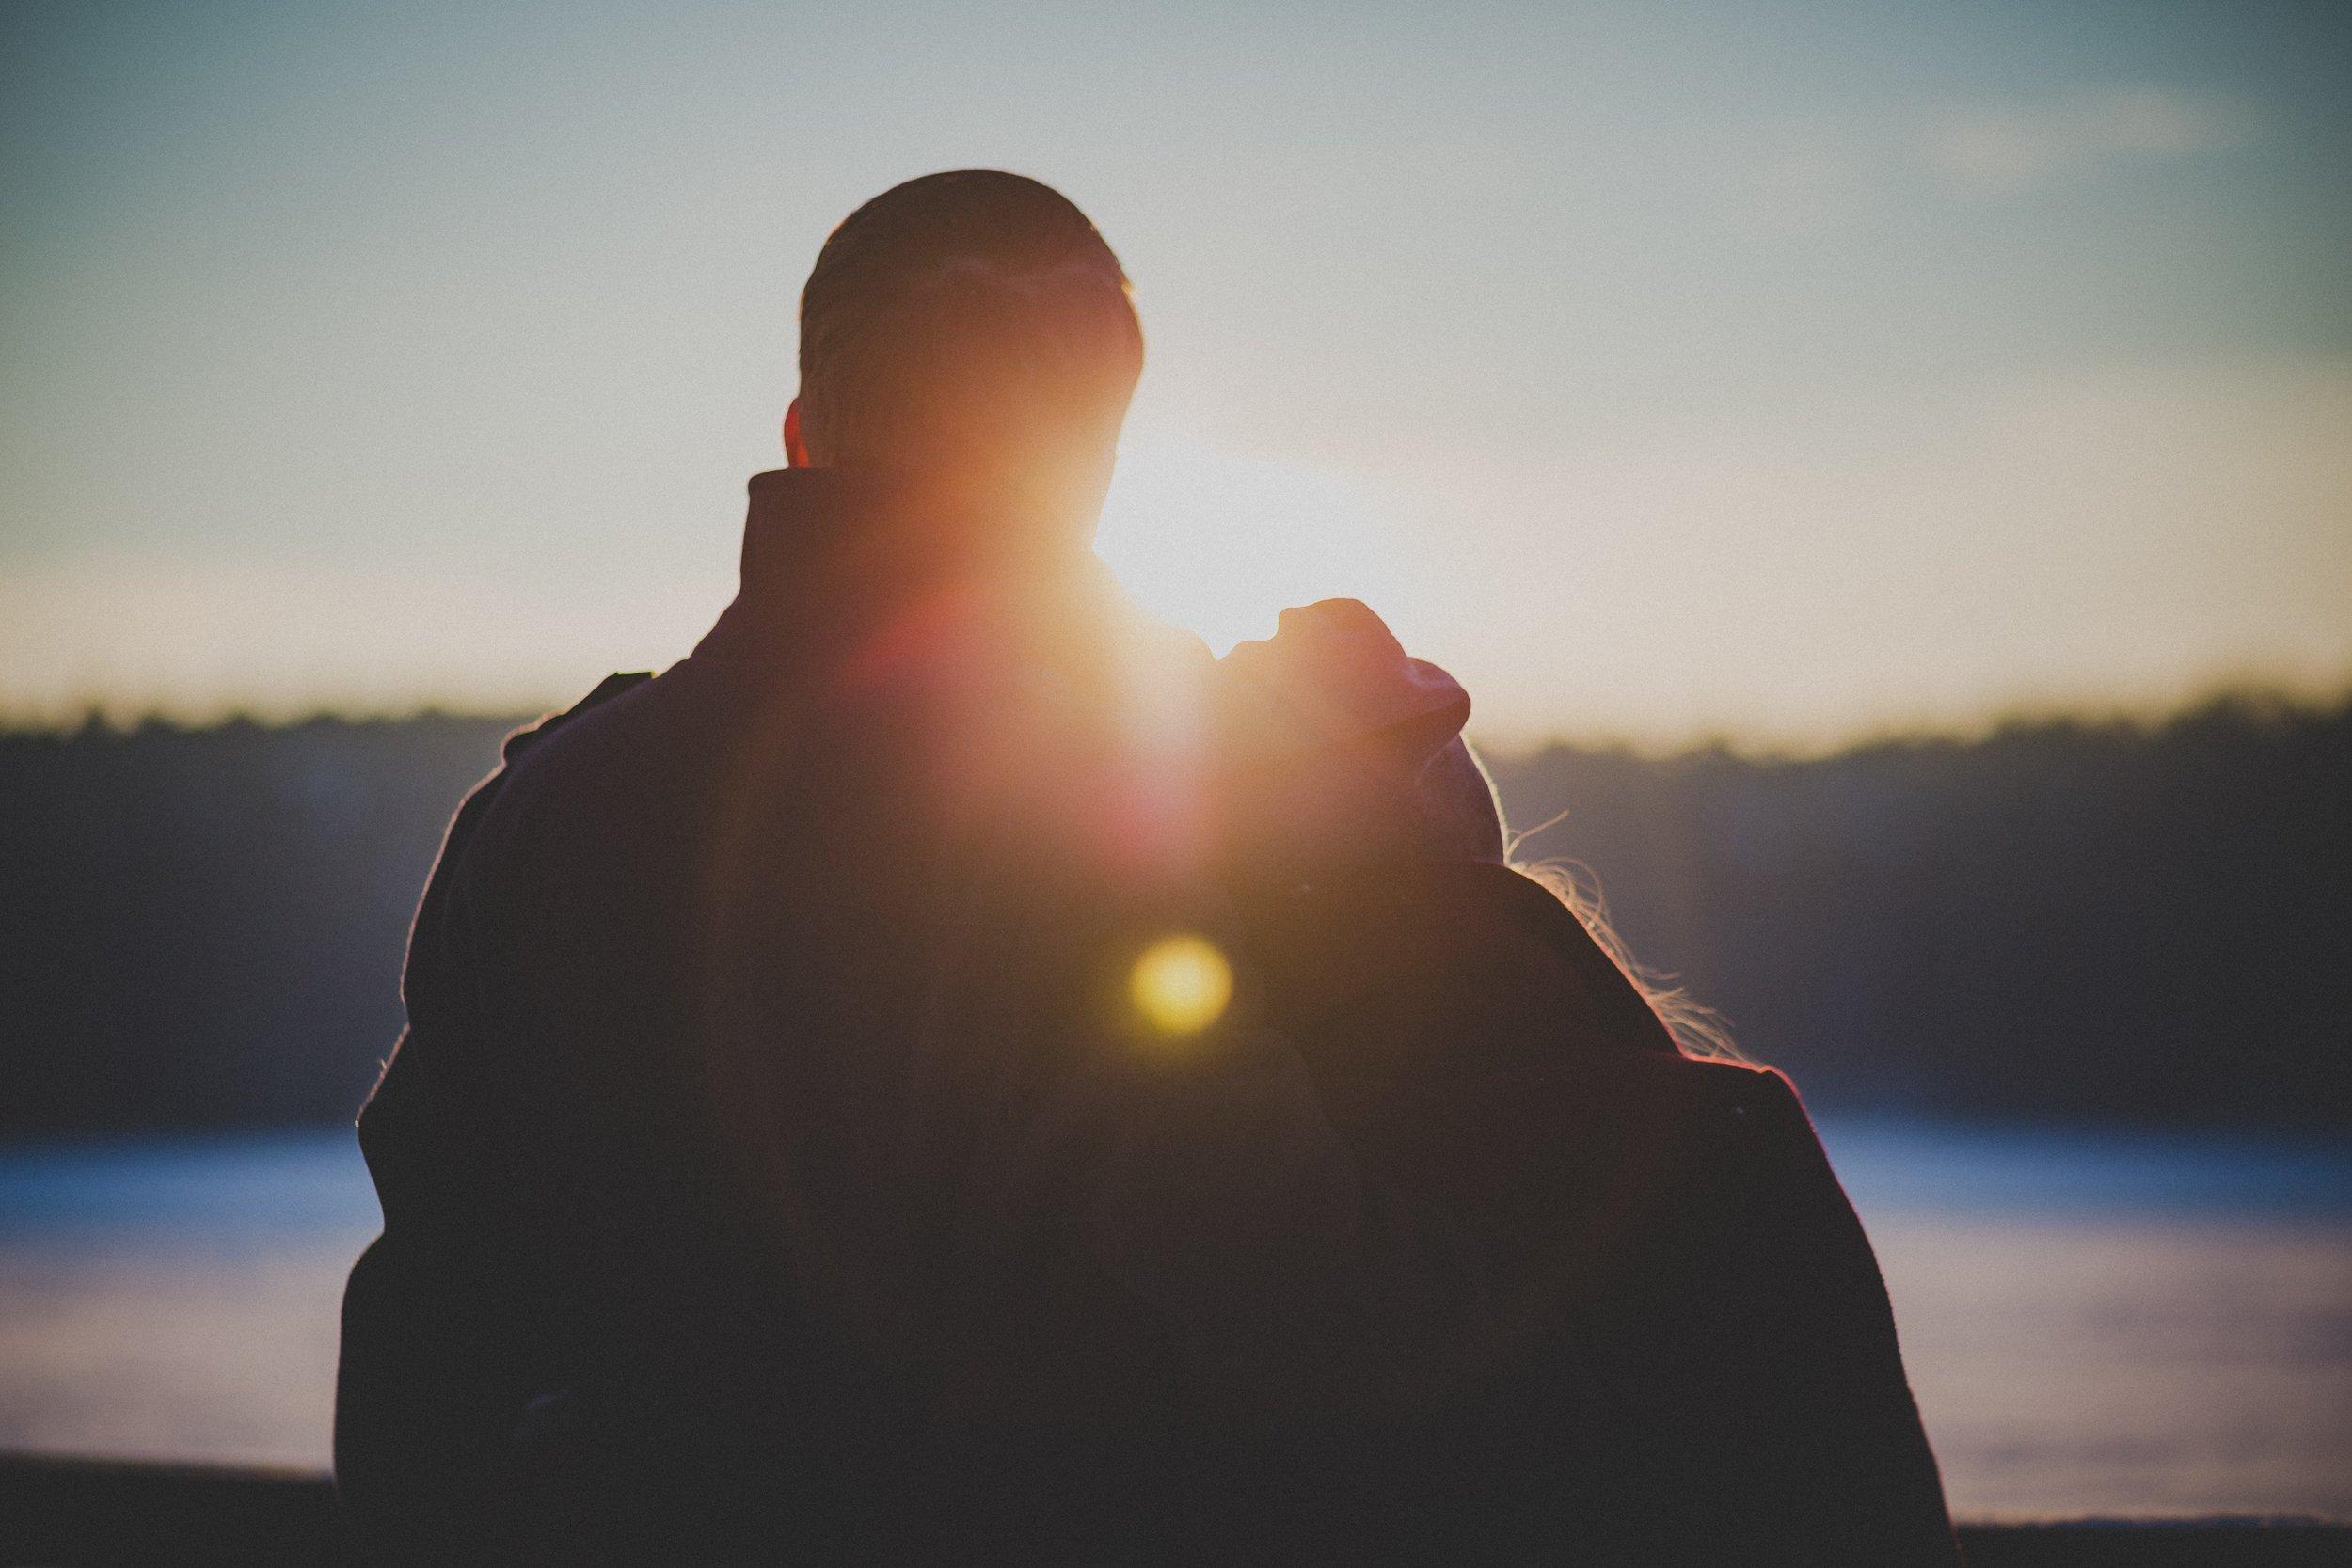 couple-date-lens-flare-40525.jpg